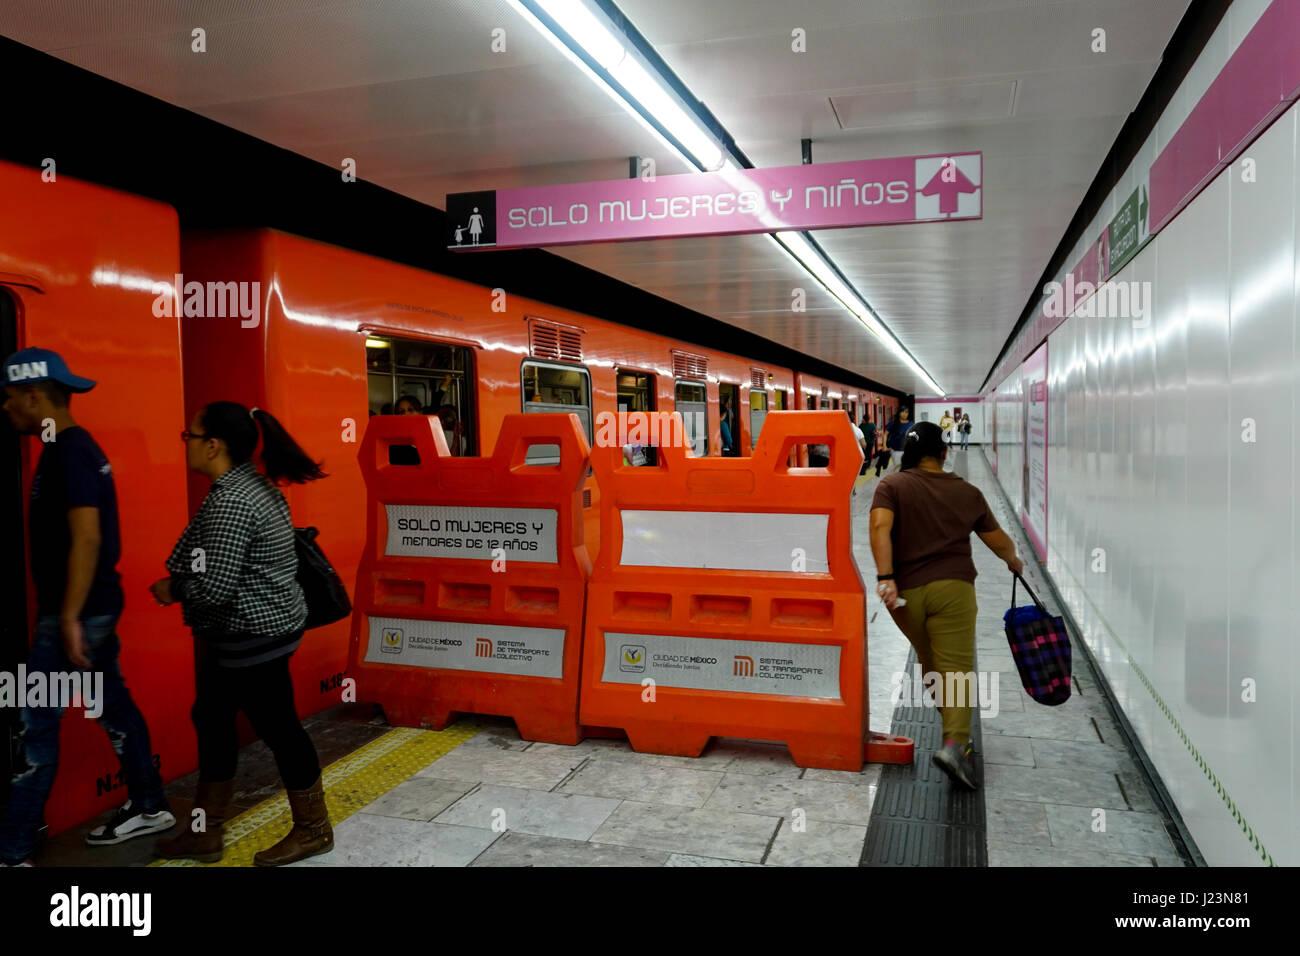 Seulement la femme voiture de métro blocus au Mexico City, Metro. Photo Stock